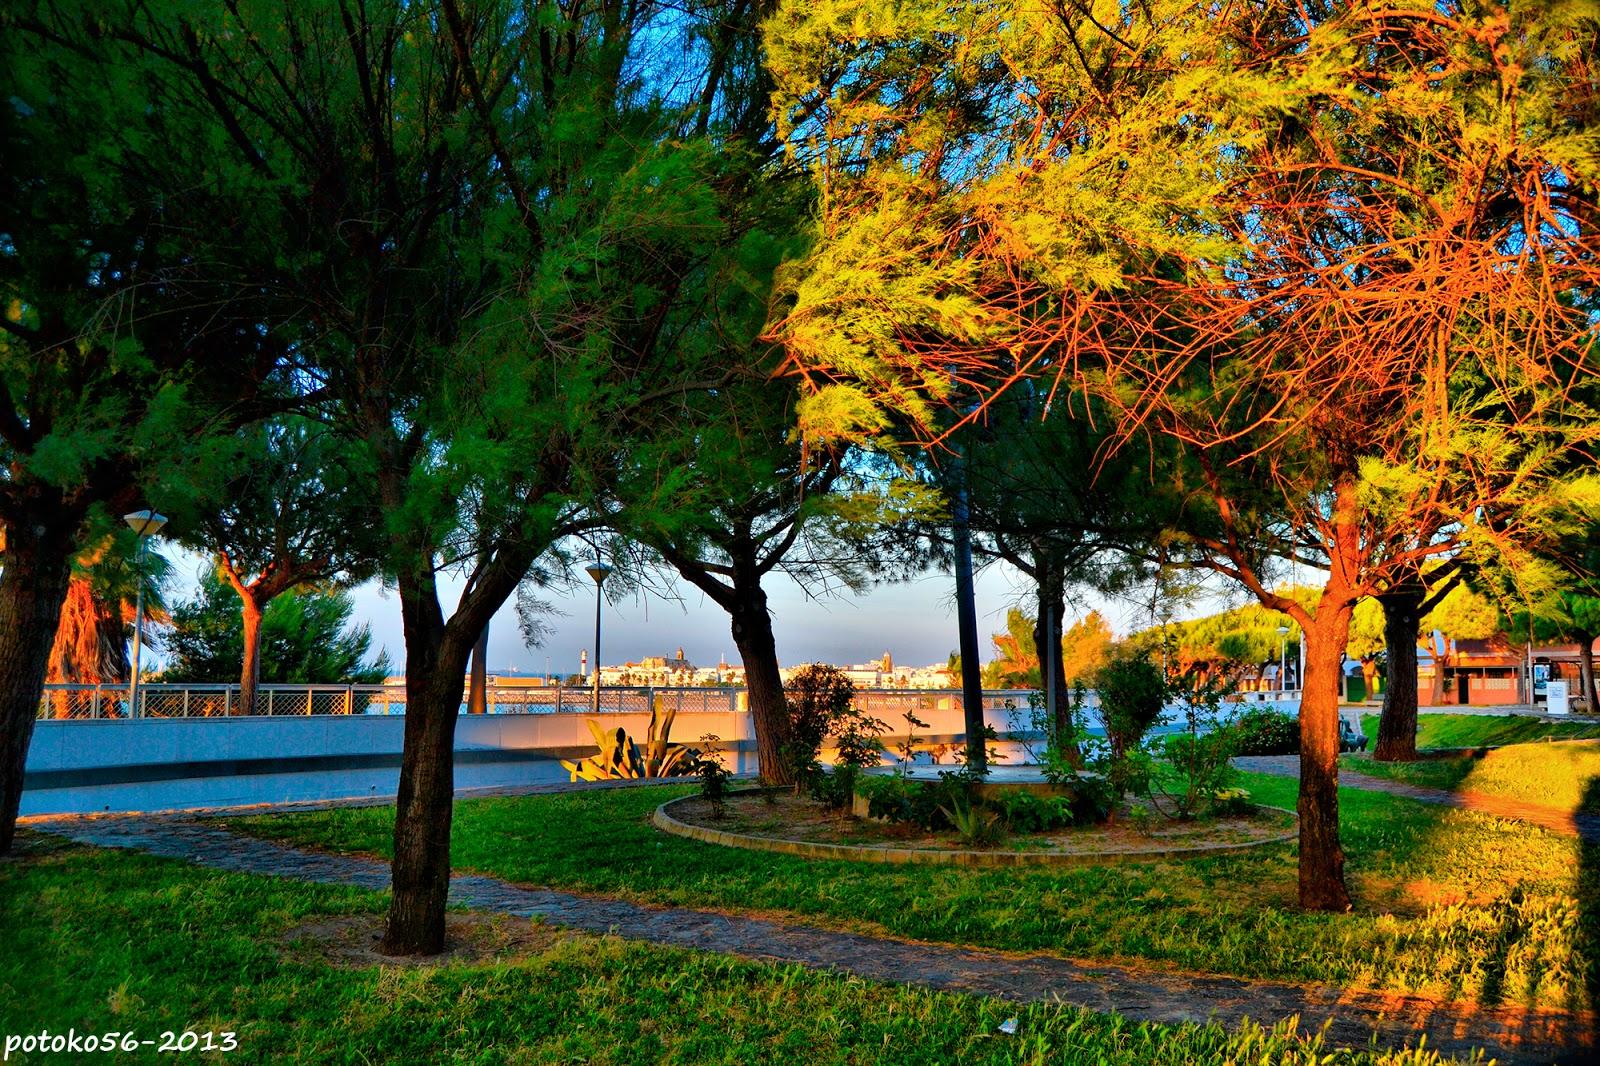 Parque la Miga del Chorrillo en Rota